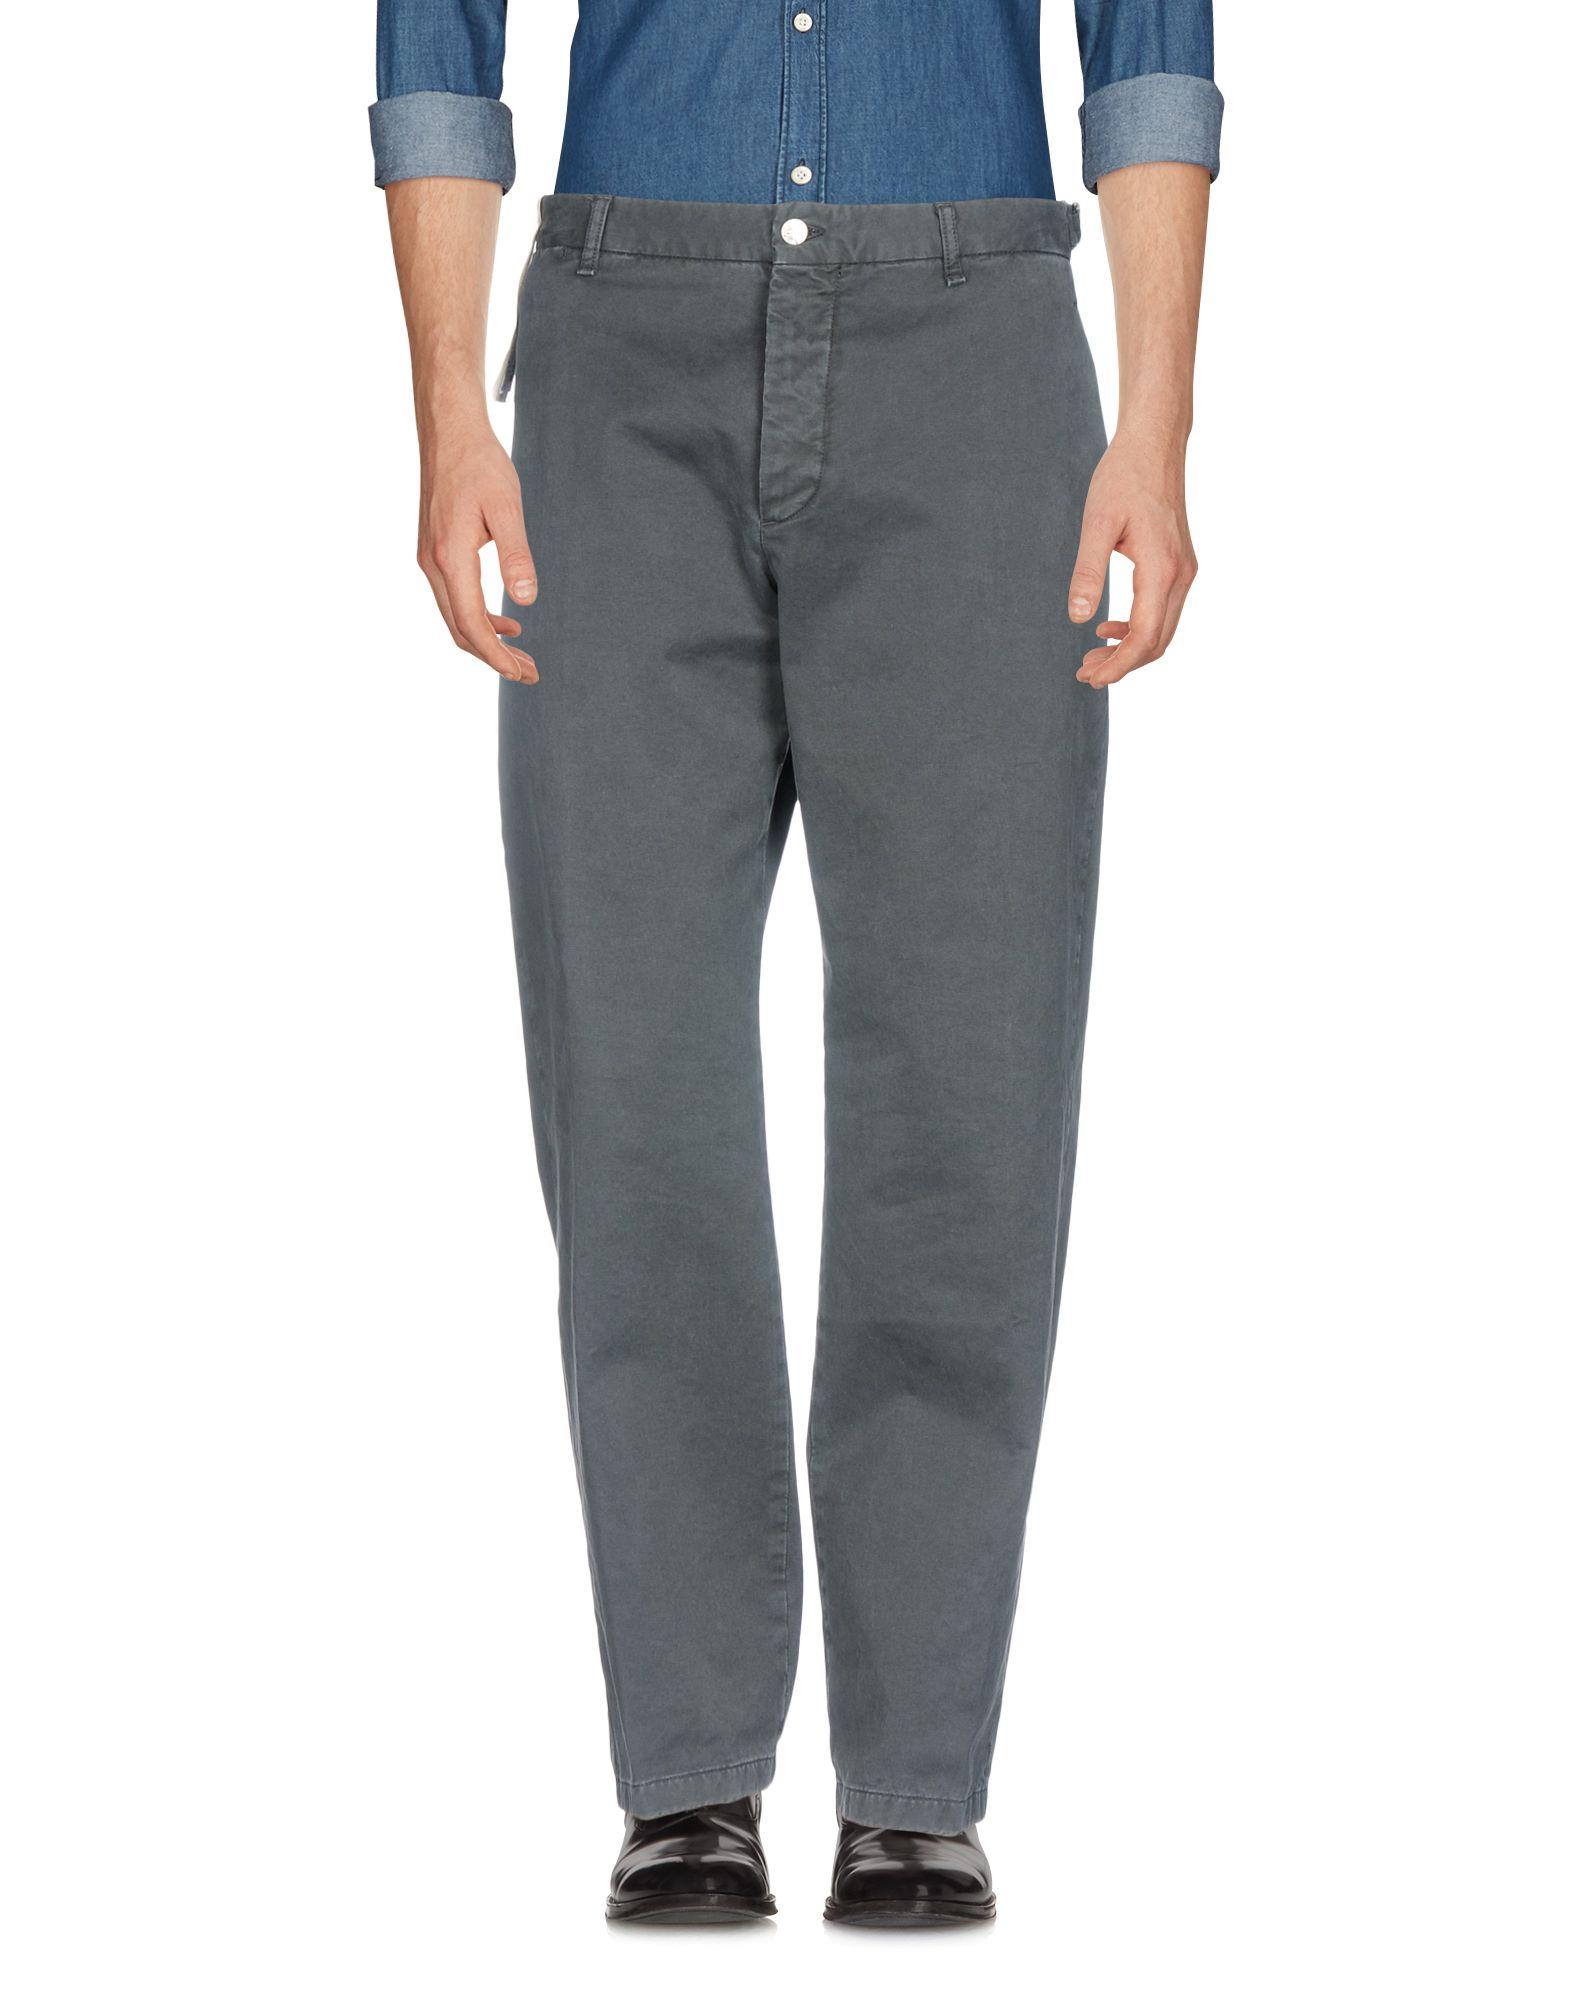 《送料無料》AVIO メンズ パンツ 鉛色 52 コットン 100%